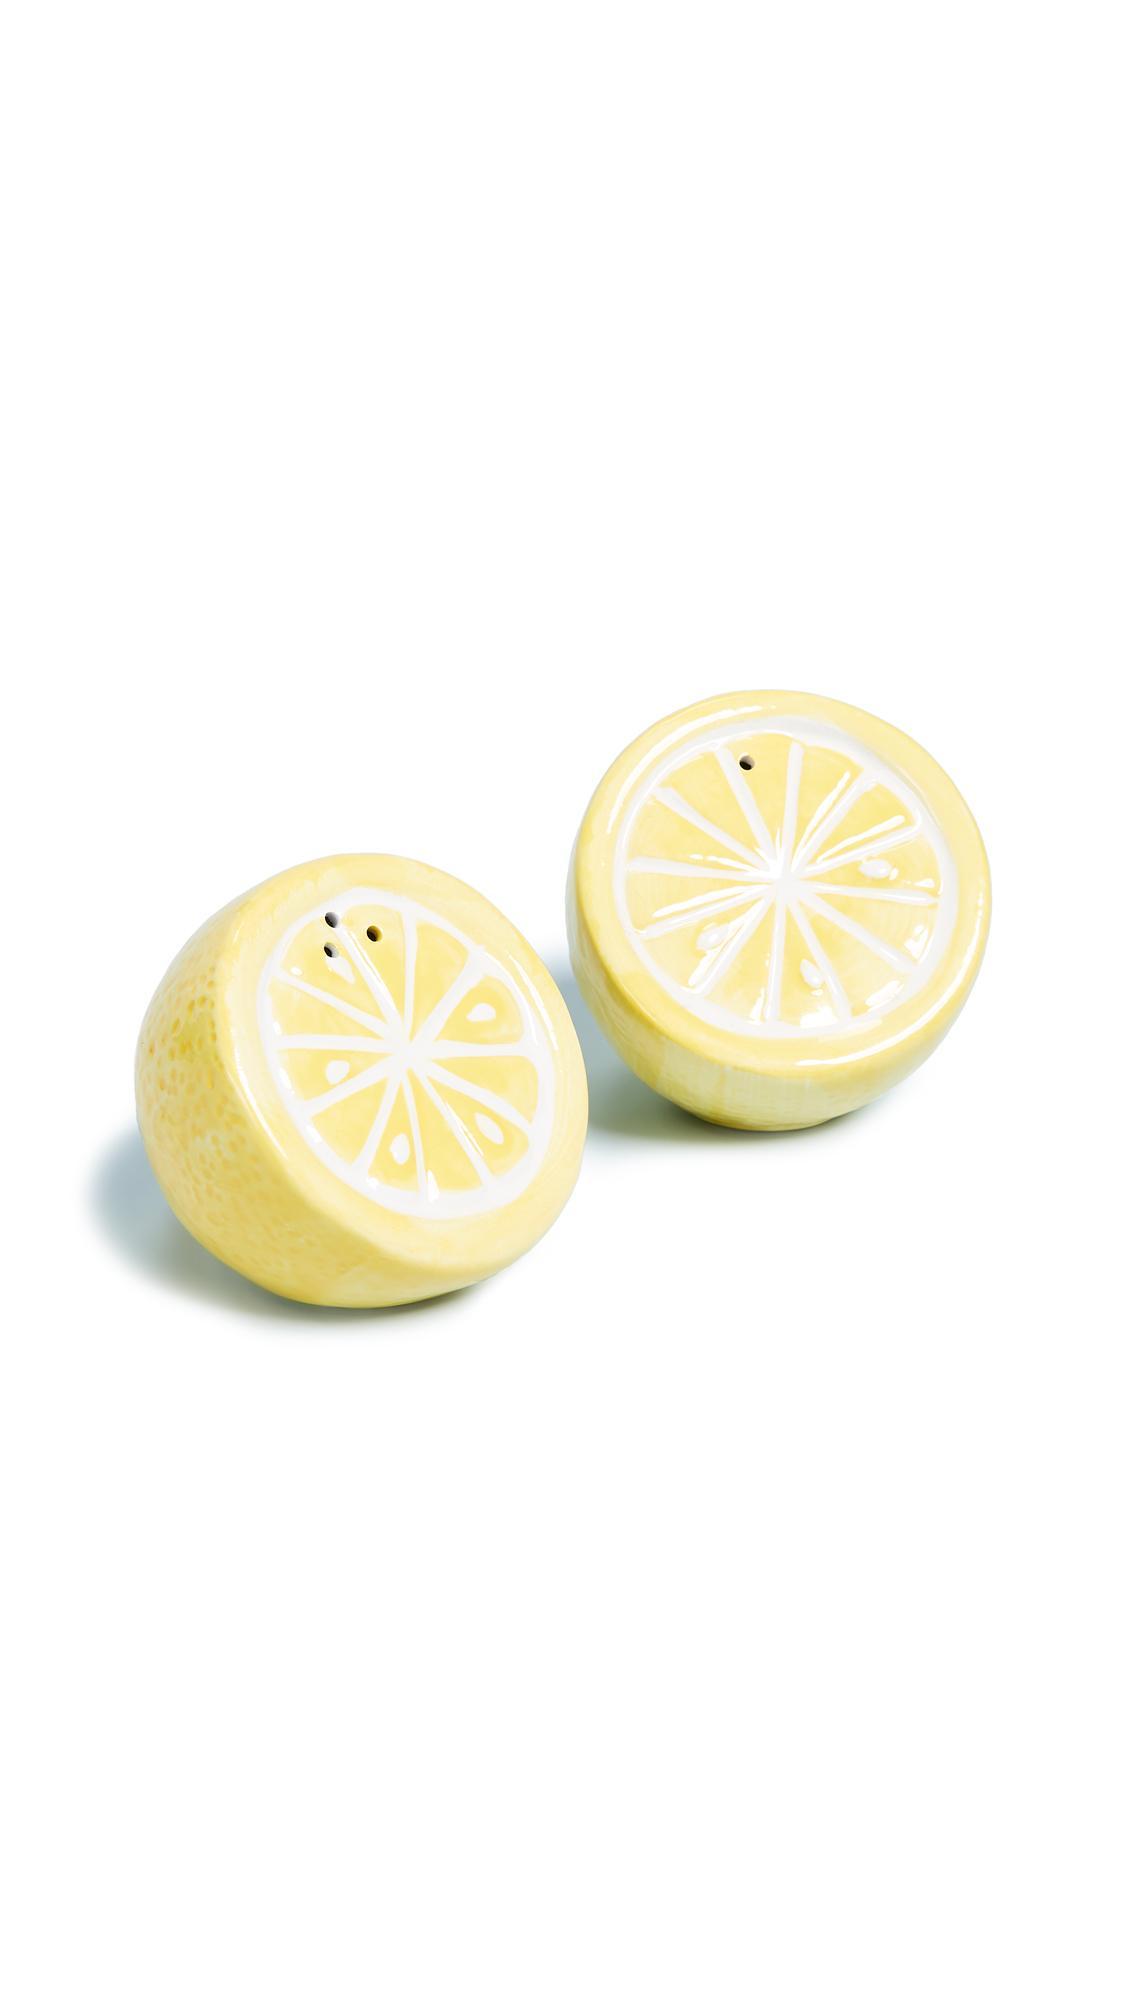 Sunnylife Lemon Salt & Pepper Shakers In Yellow